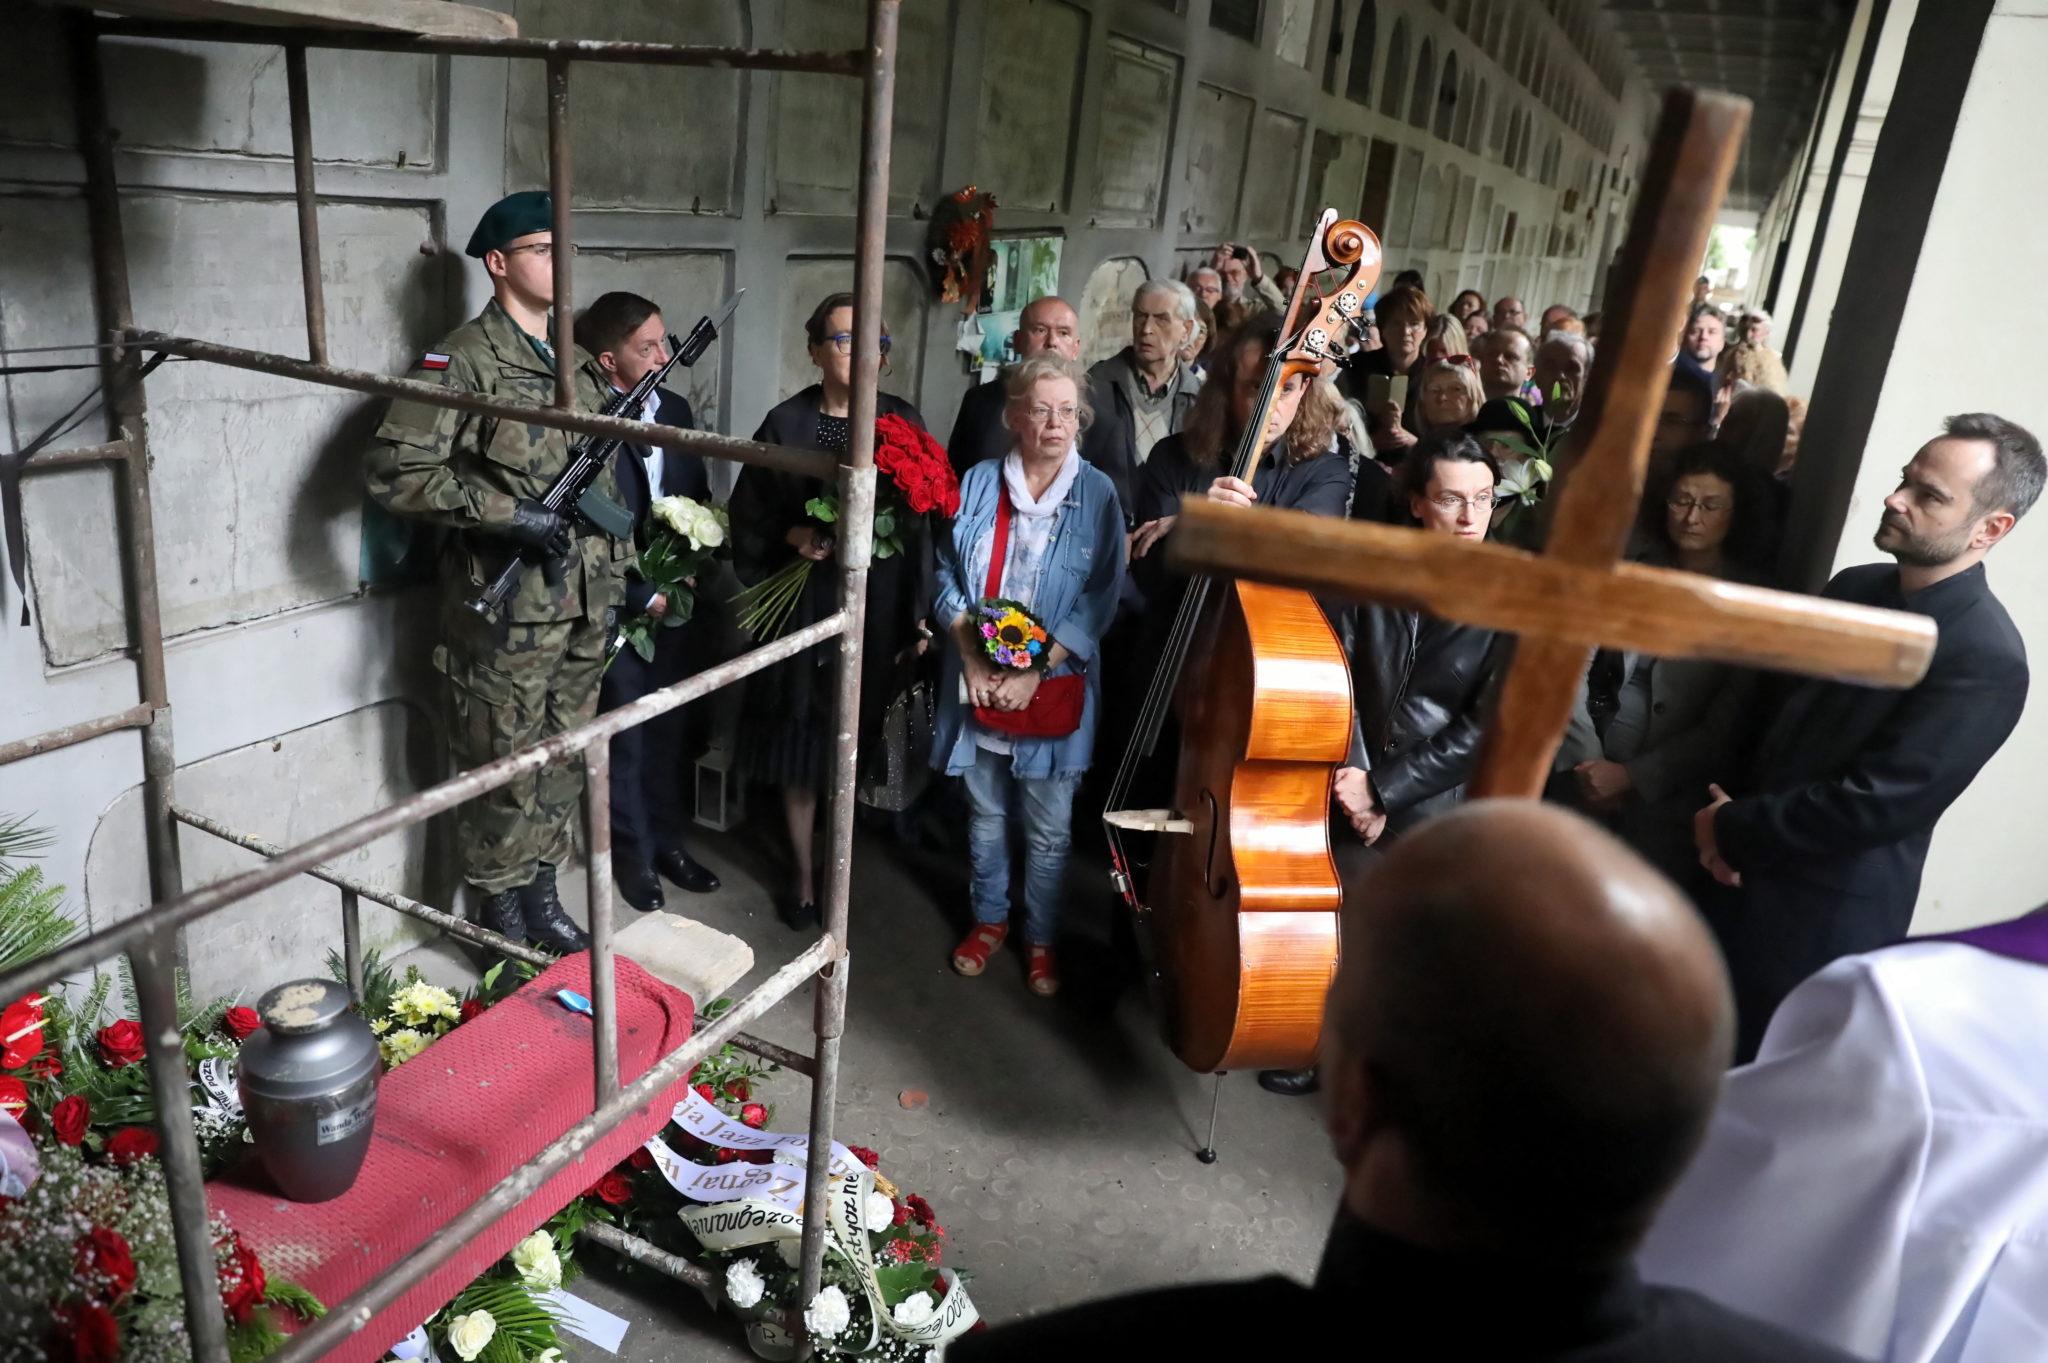 Uroczystości pogrzebowe Wandy Warskiej na Powązkach w Warszawie, fot. Tomasz Gzell, PAP/EPA